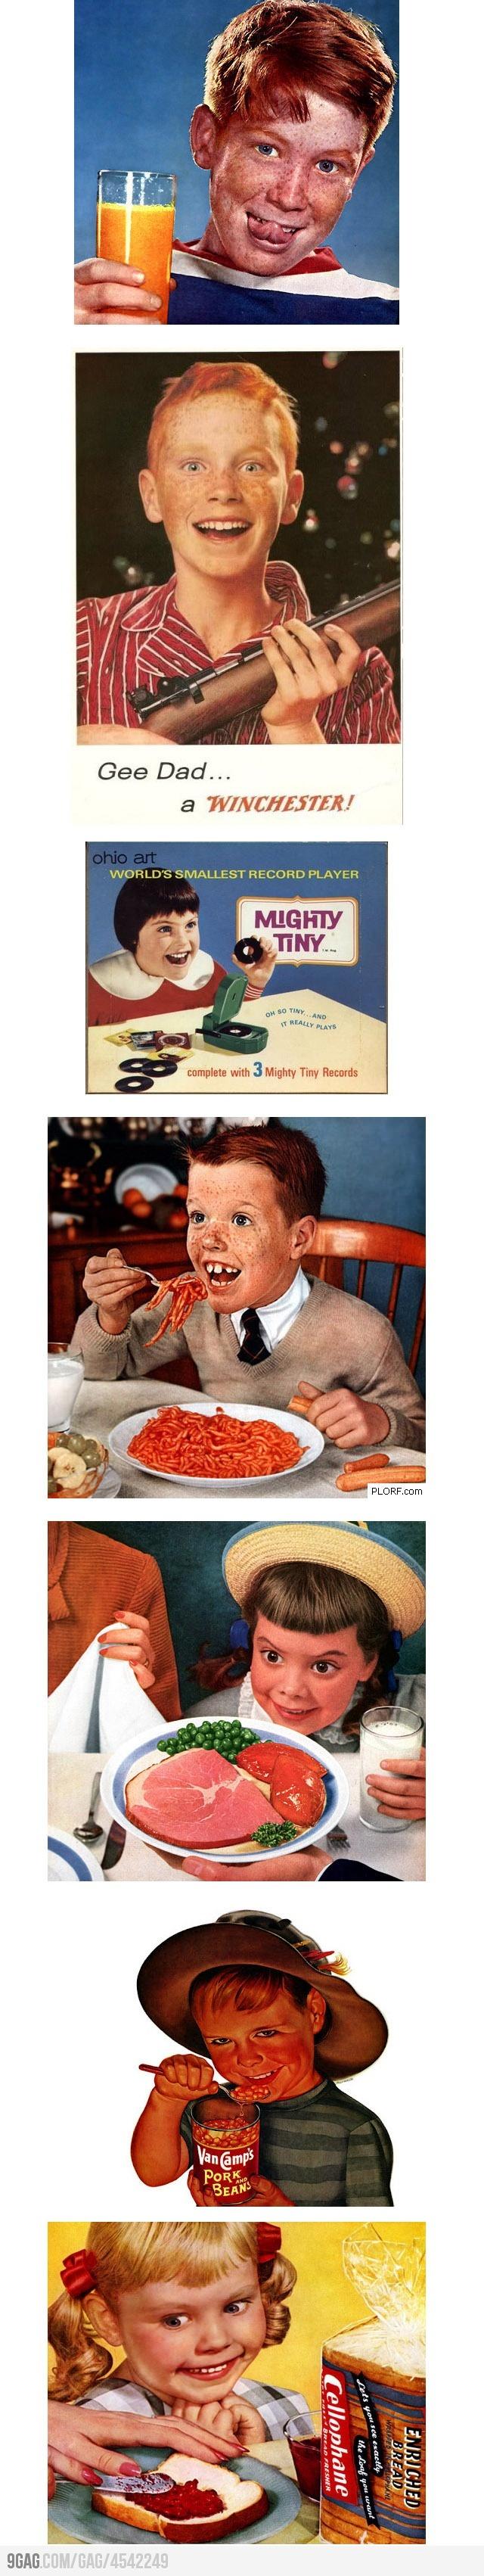 Creepy Kids In Vintage Ads